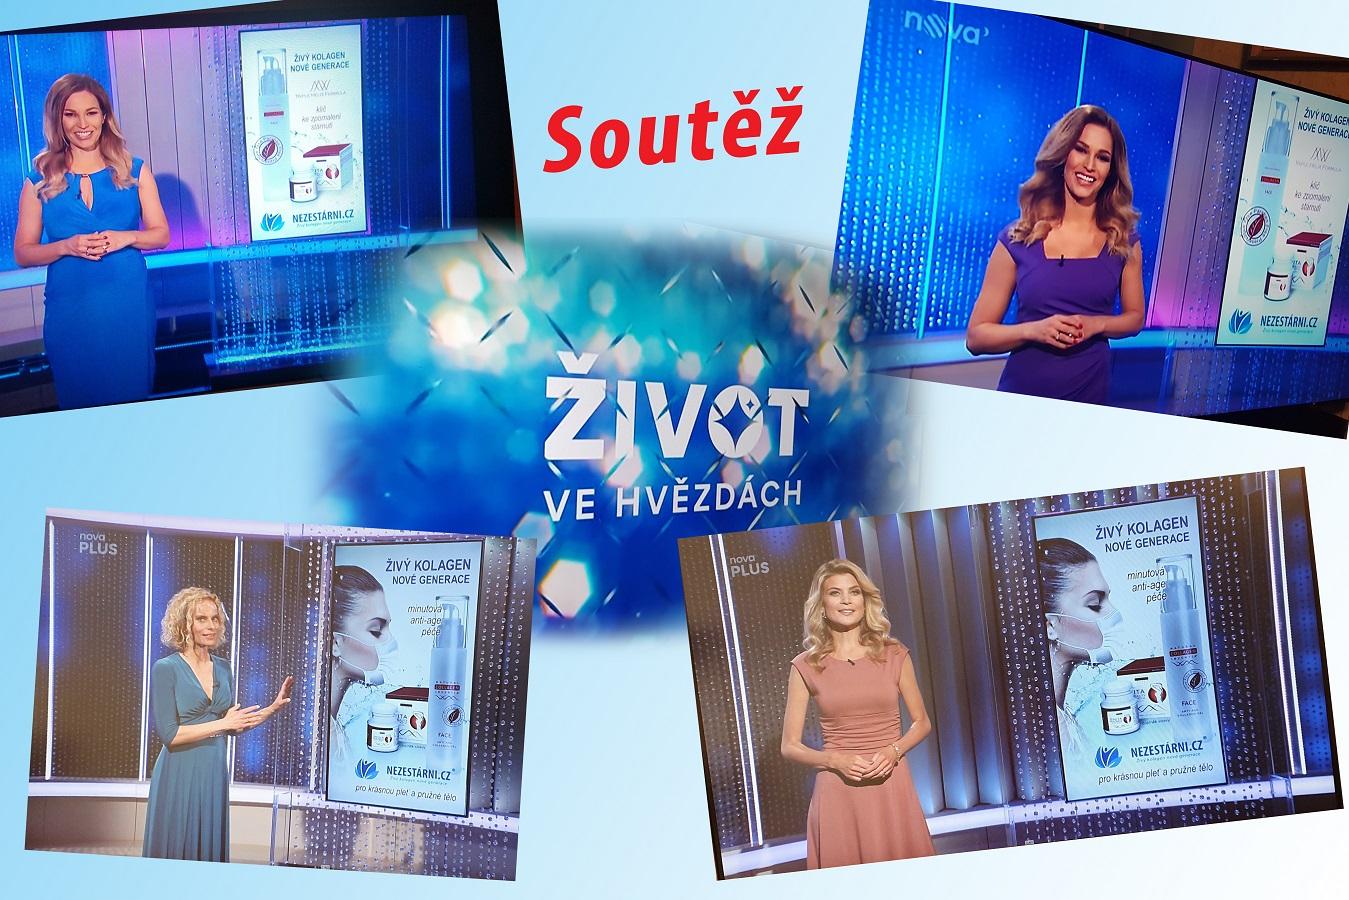 Živý kolagen - soutěž s TV Nova + nově naskladněny balíčky 2+1